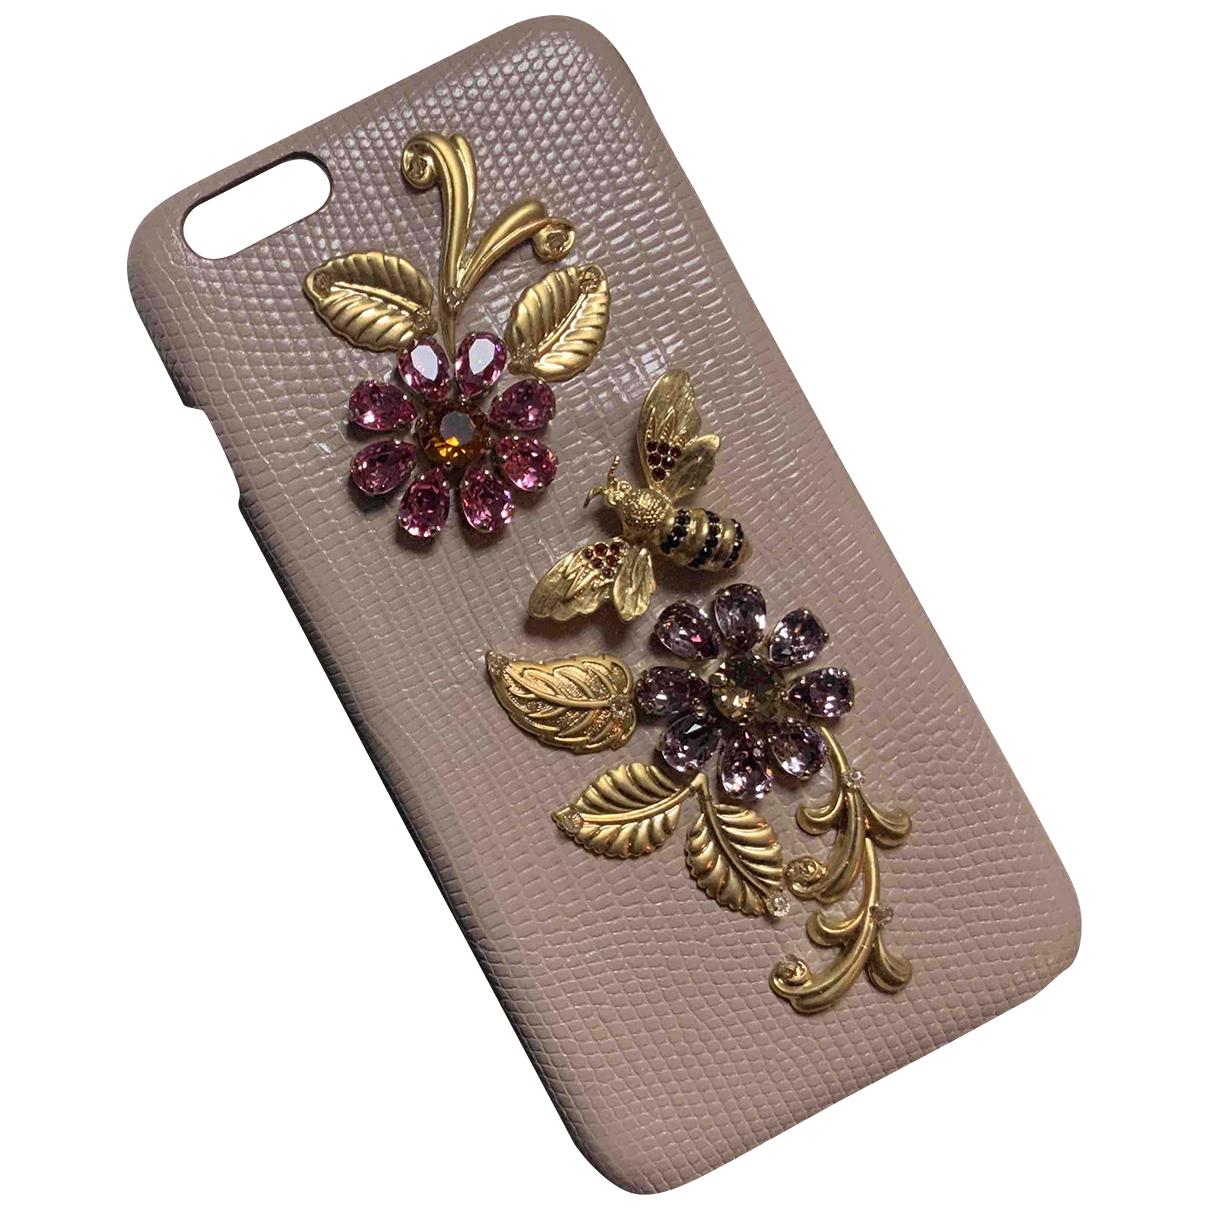 Dolce & Gabbana - Accessoires   pour lifestyle en cuir - beige